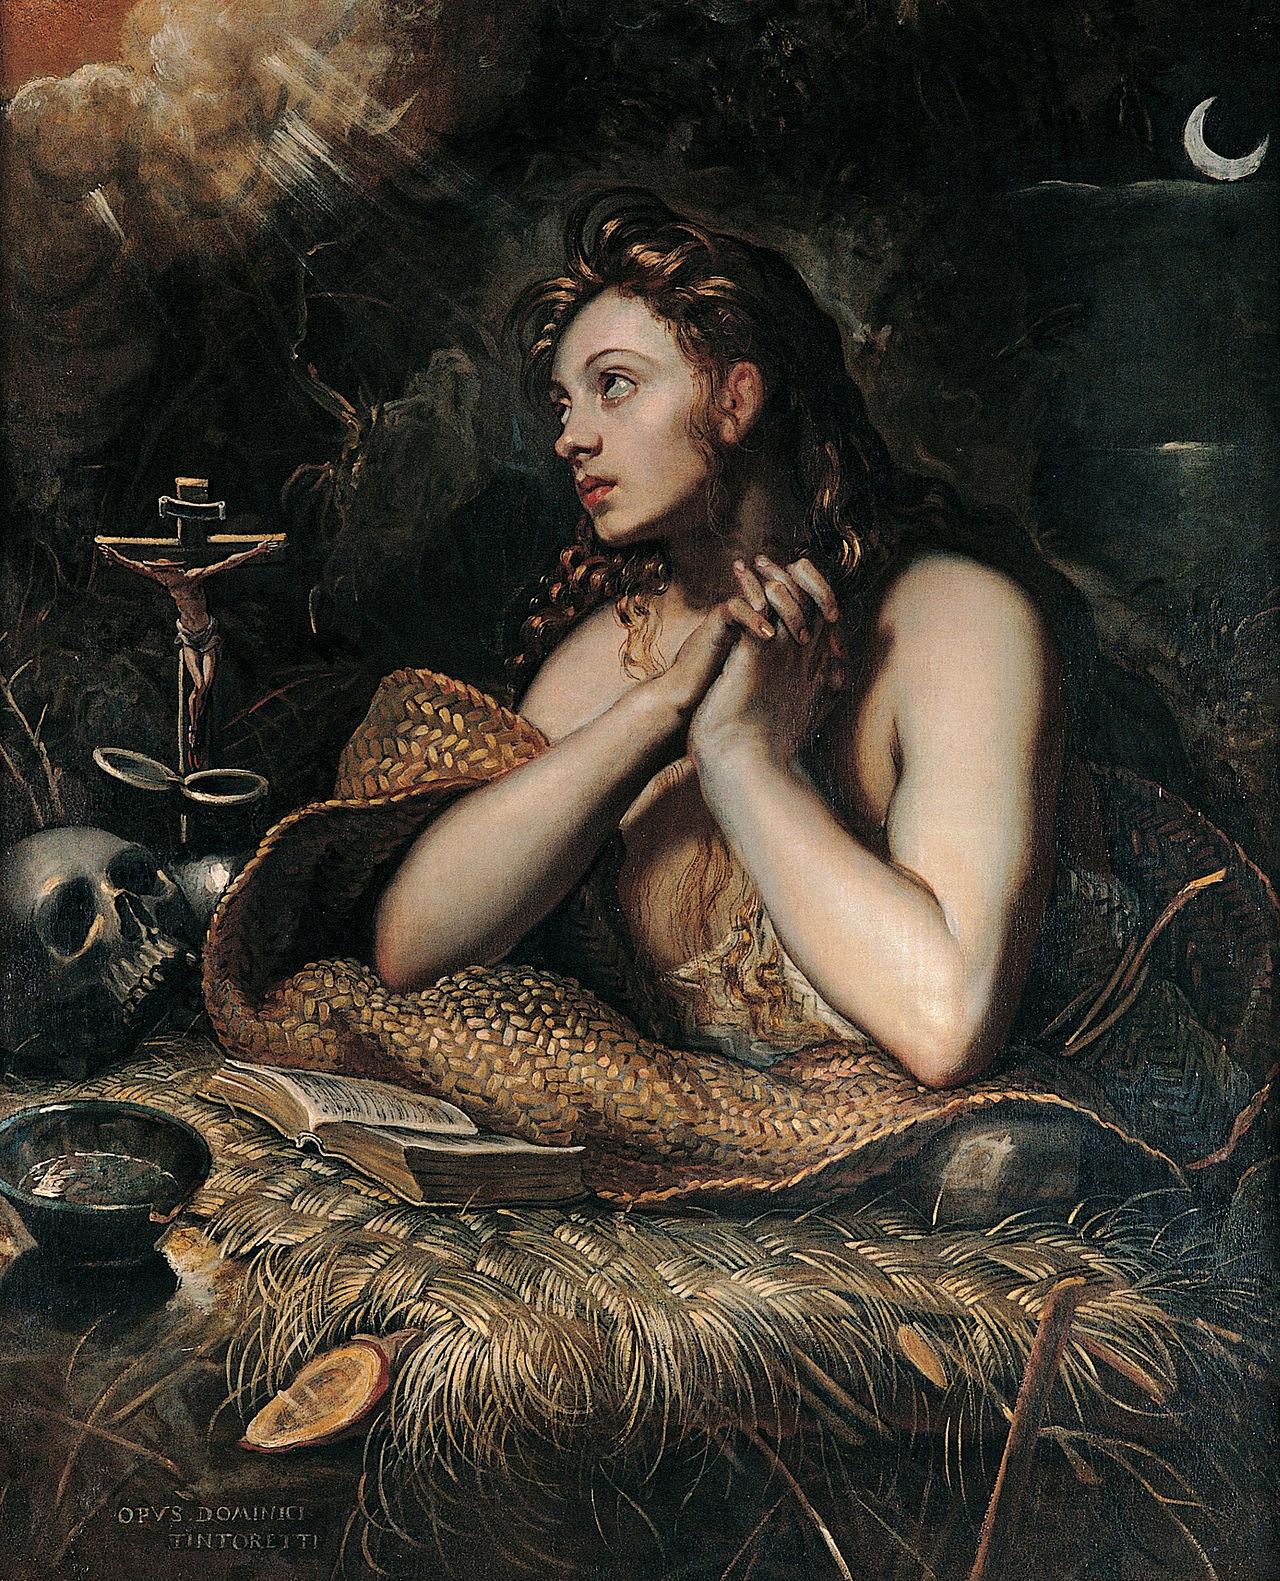 TINTORETTO_-_Magdalena_penitente_(Musei_Capitolini,_Roma,_1598-1602)_-_copia.jpg